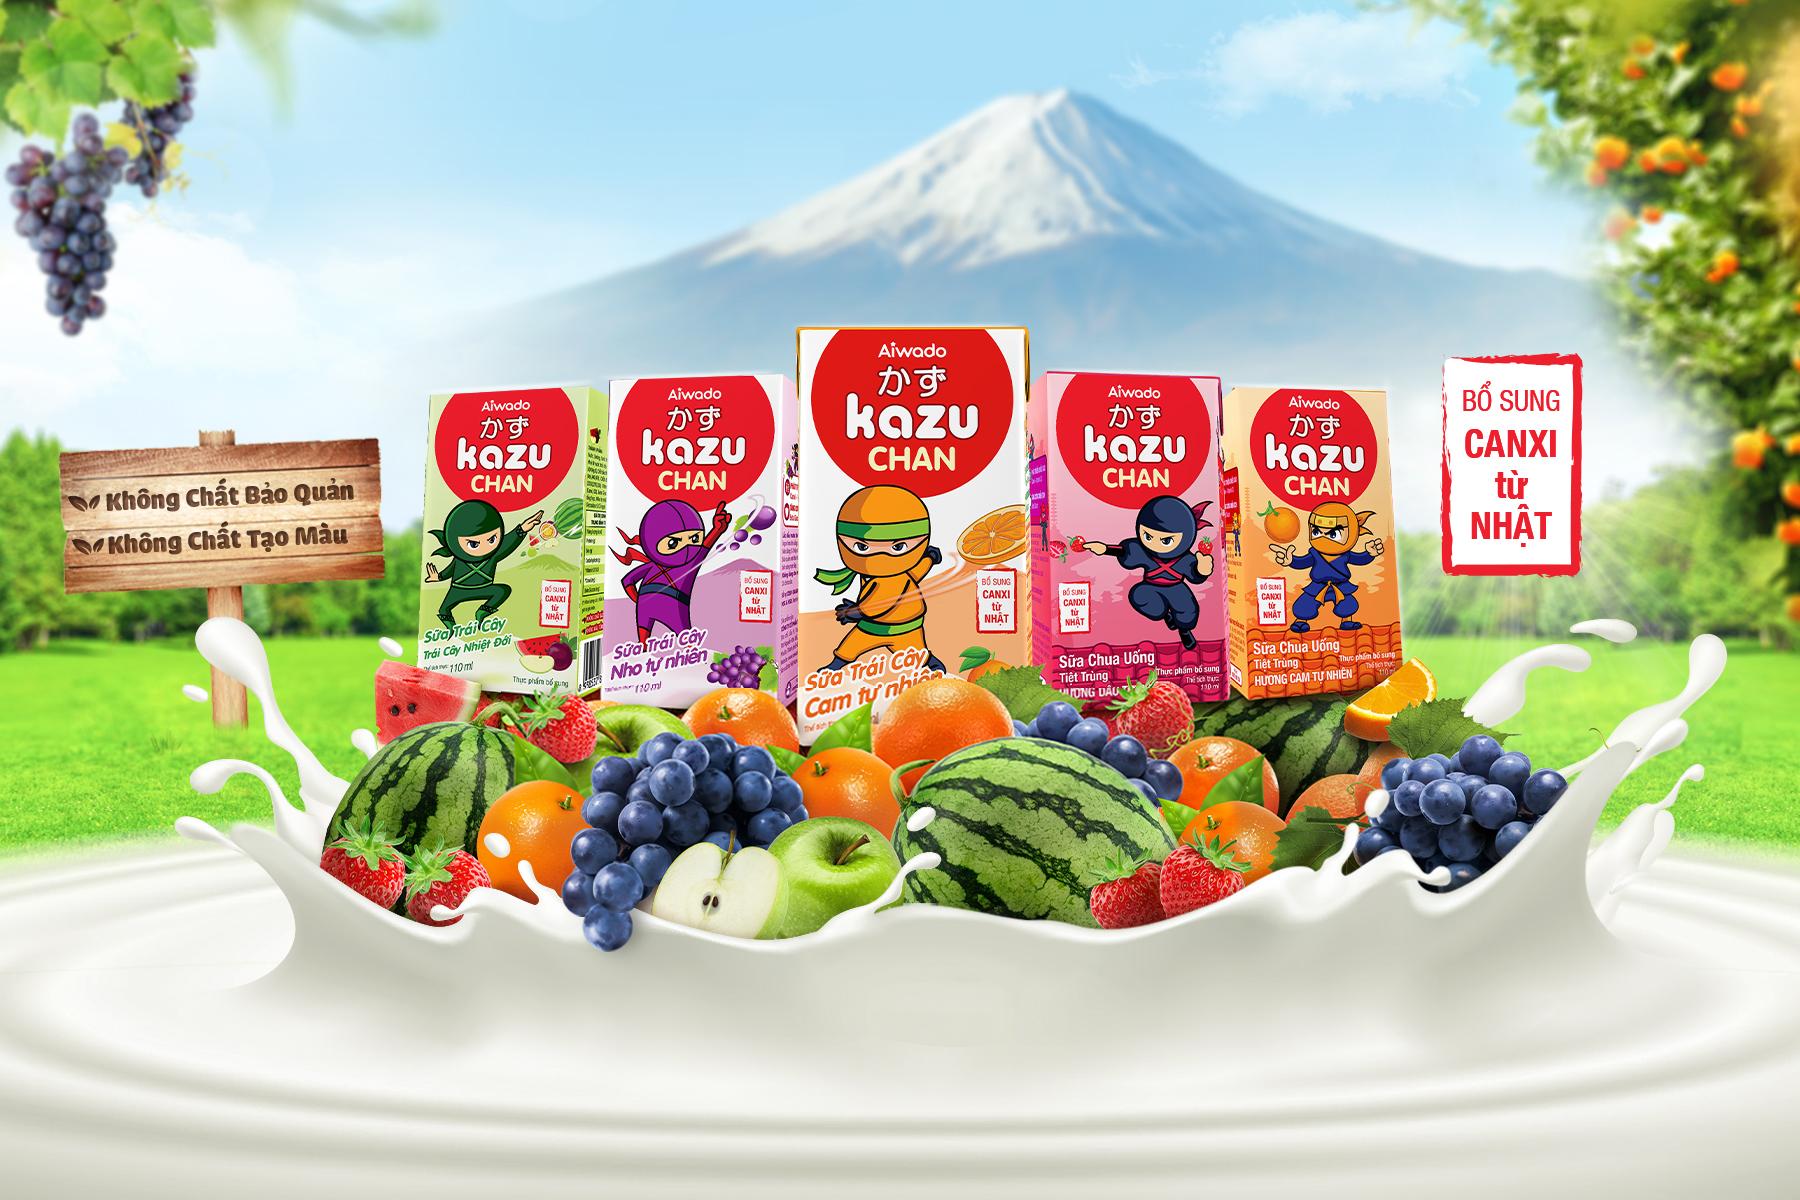 Sữa Trái Cây & Sữa Chua Uống Kazu Chan – Mát Lành Tự Nhiên, Vị Ngon Vô Đối